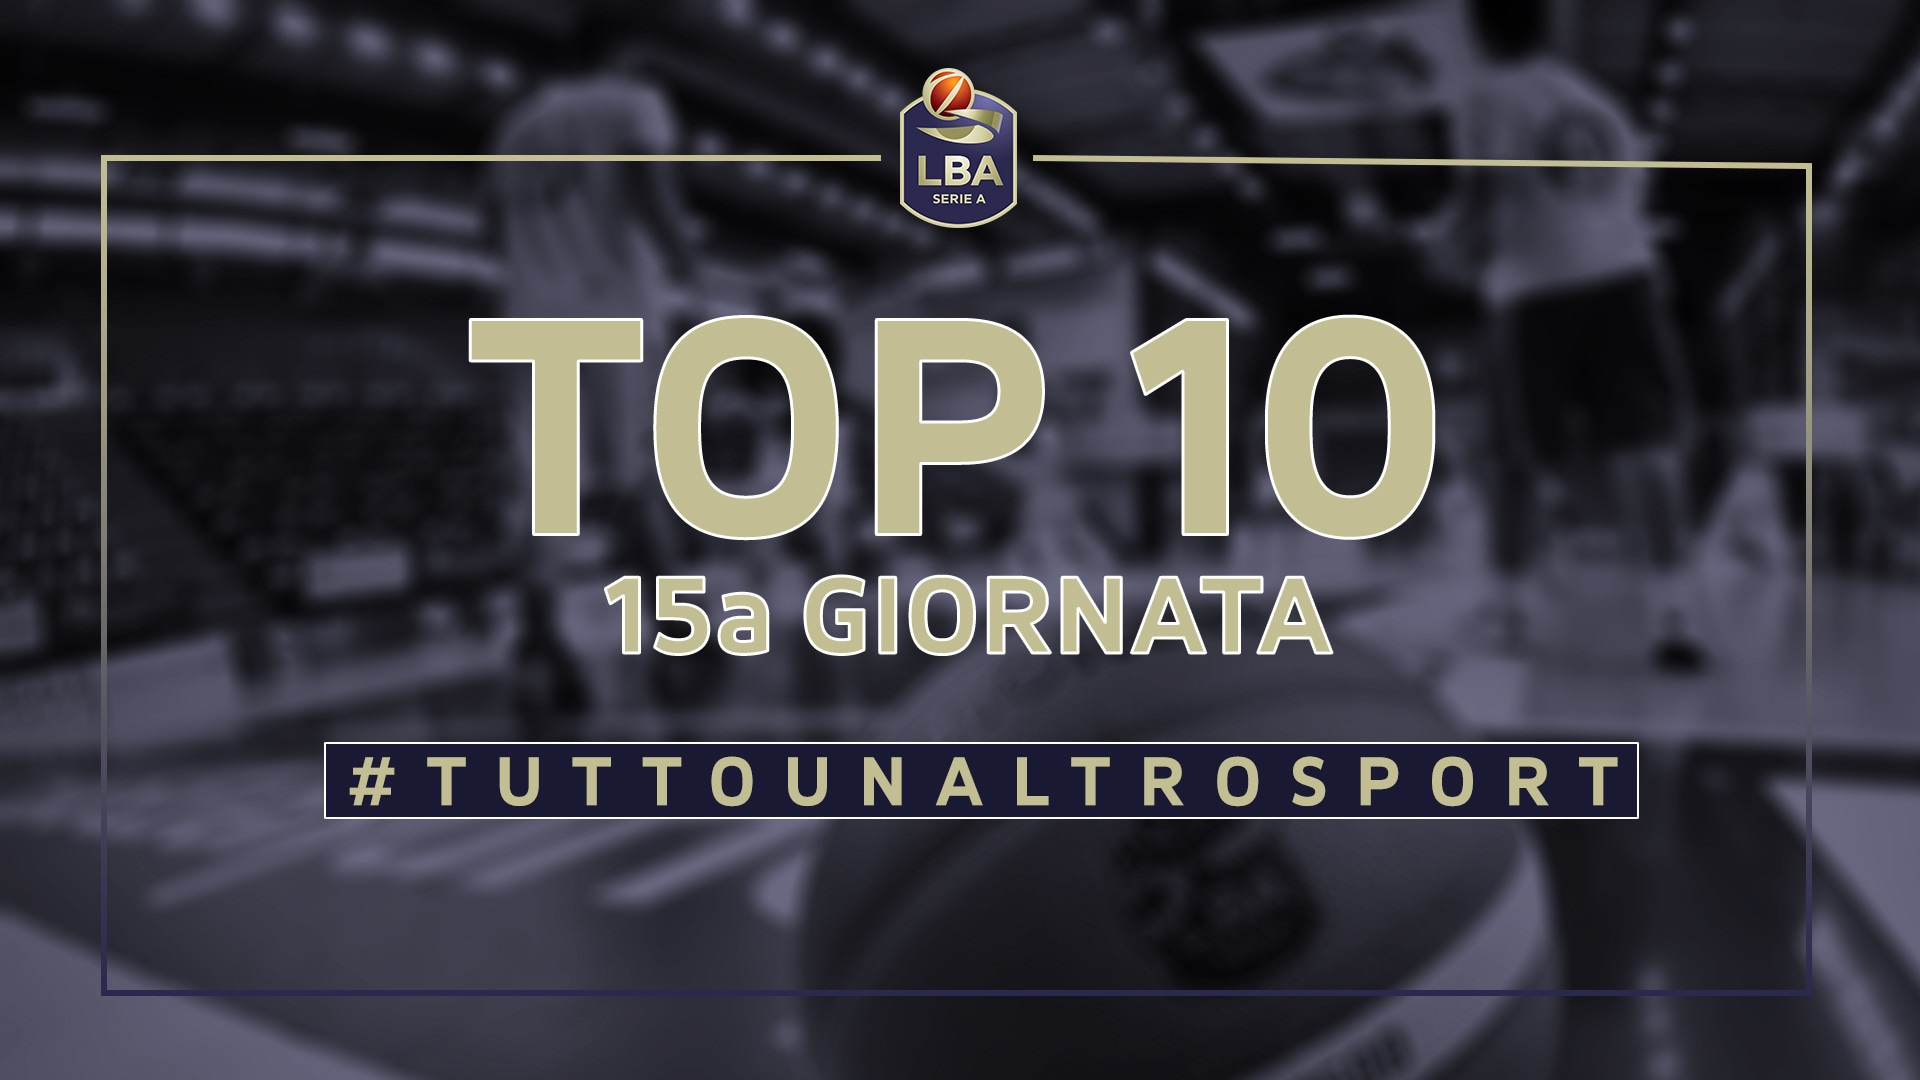 La Top Ten della 15a giornata del campionato LBA